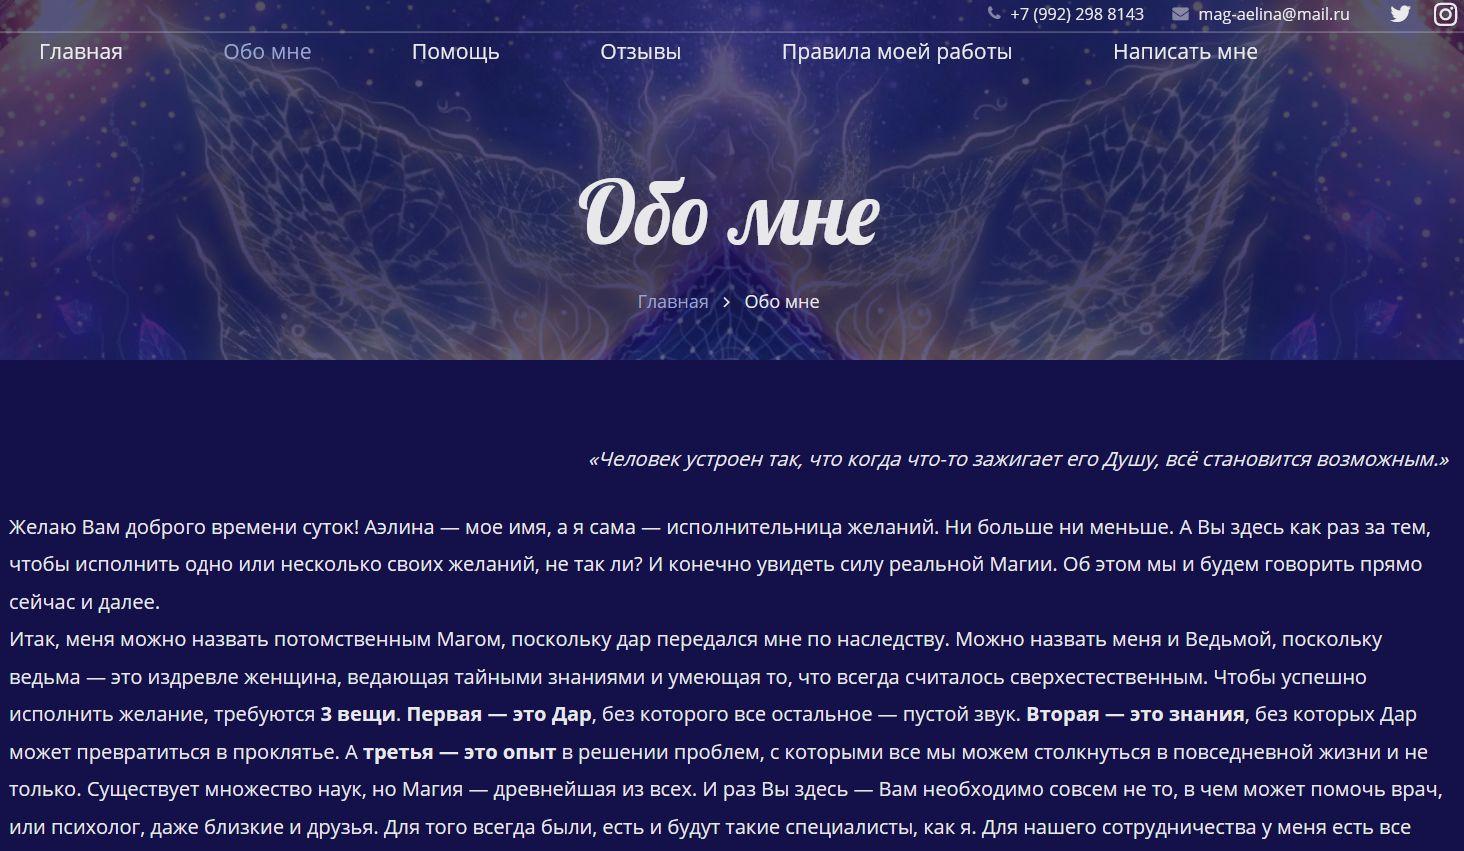 Маг Аэлина отзывы о aelina-magic.com